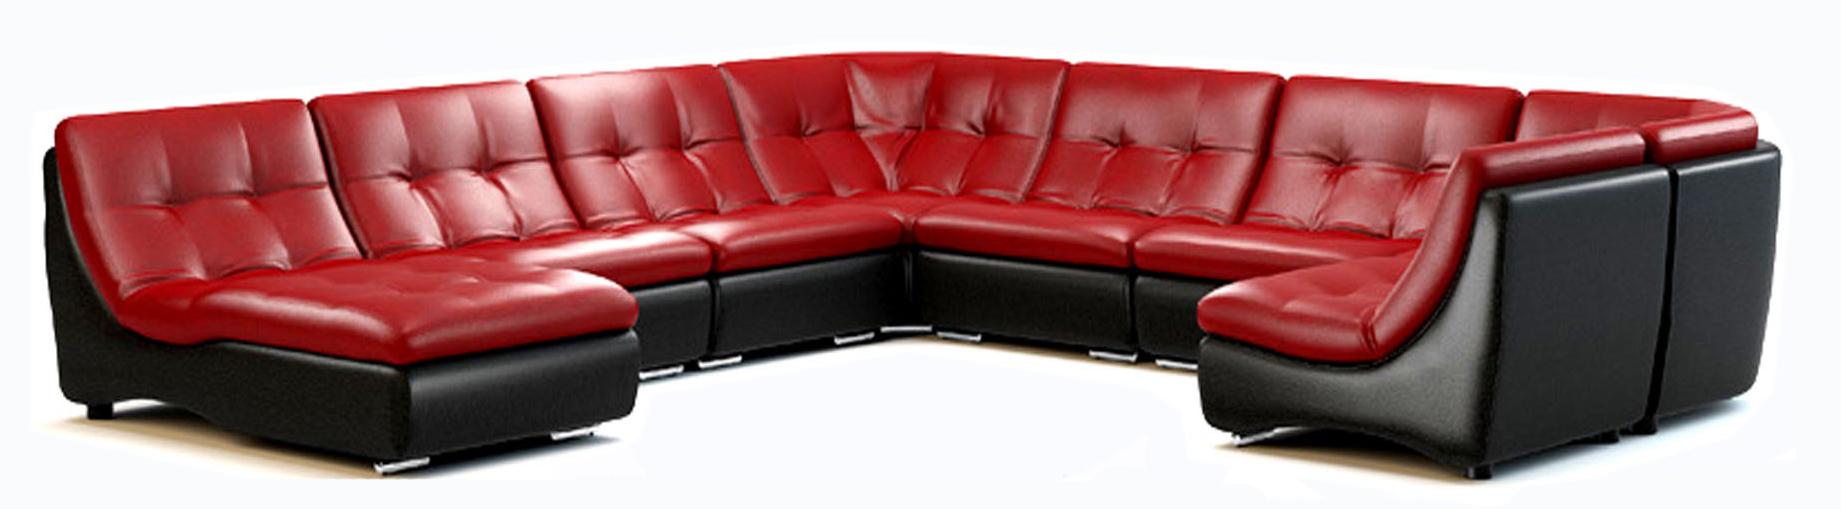 Диван от ВИТ мебели